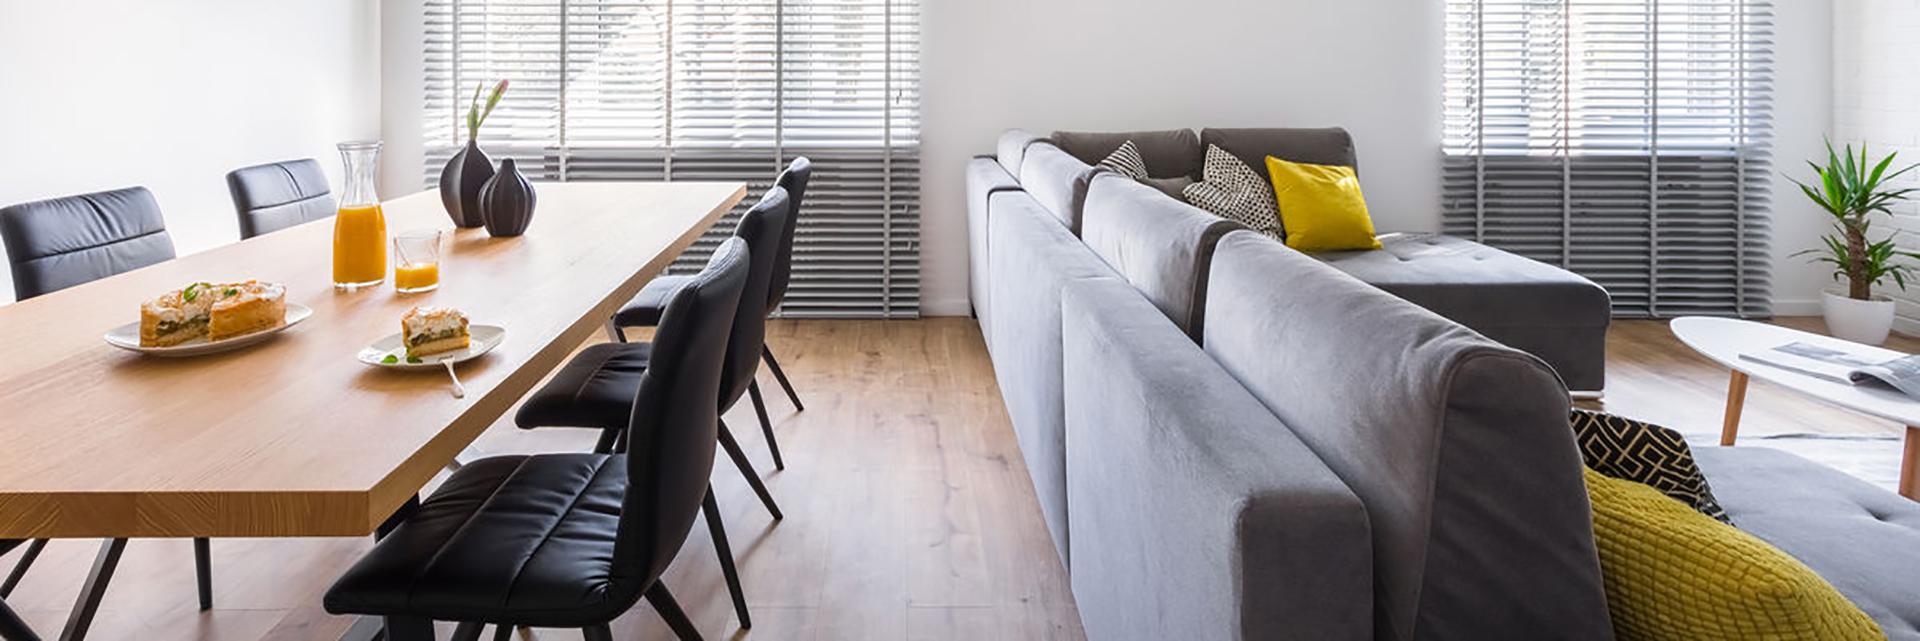 Wohnen - Möbel der Schreinerei BENZ